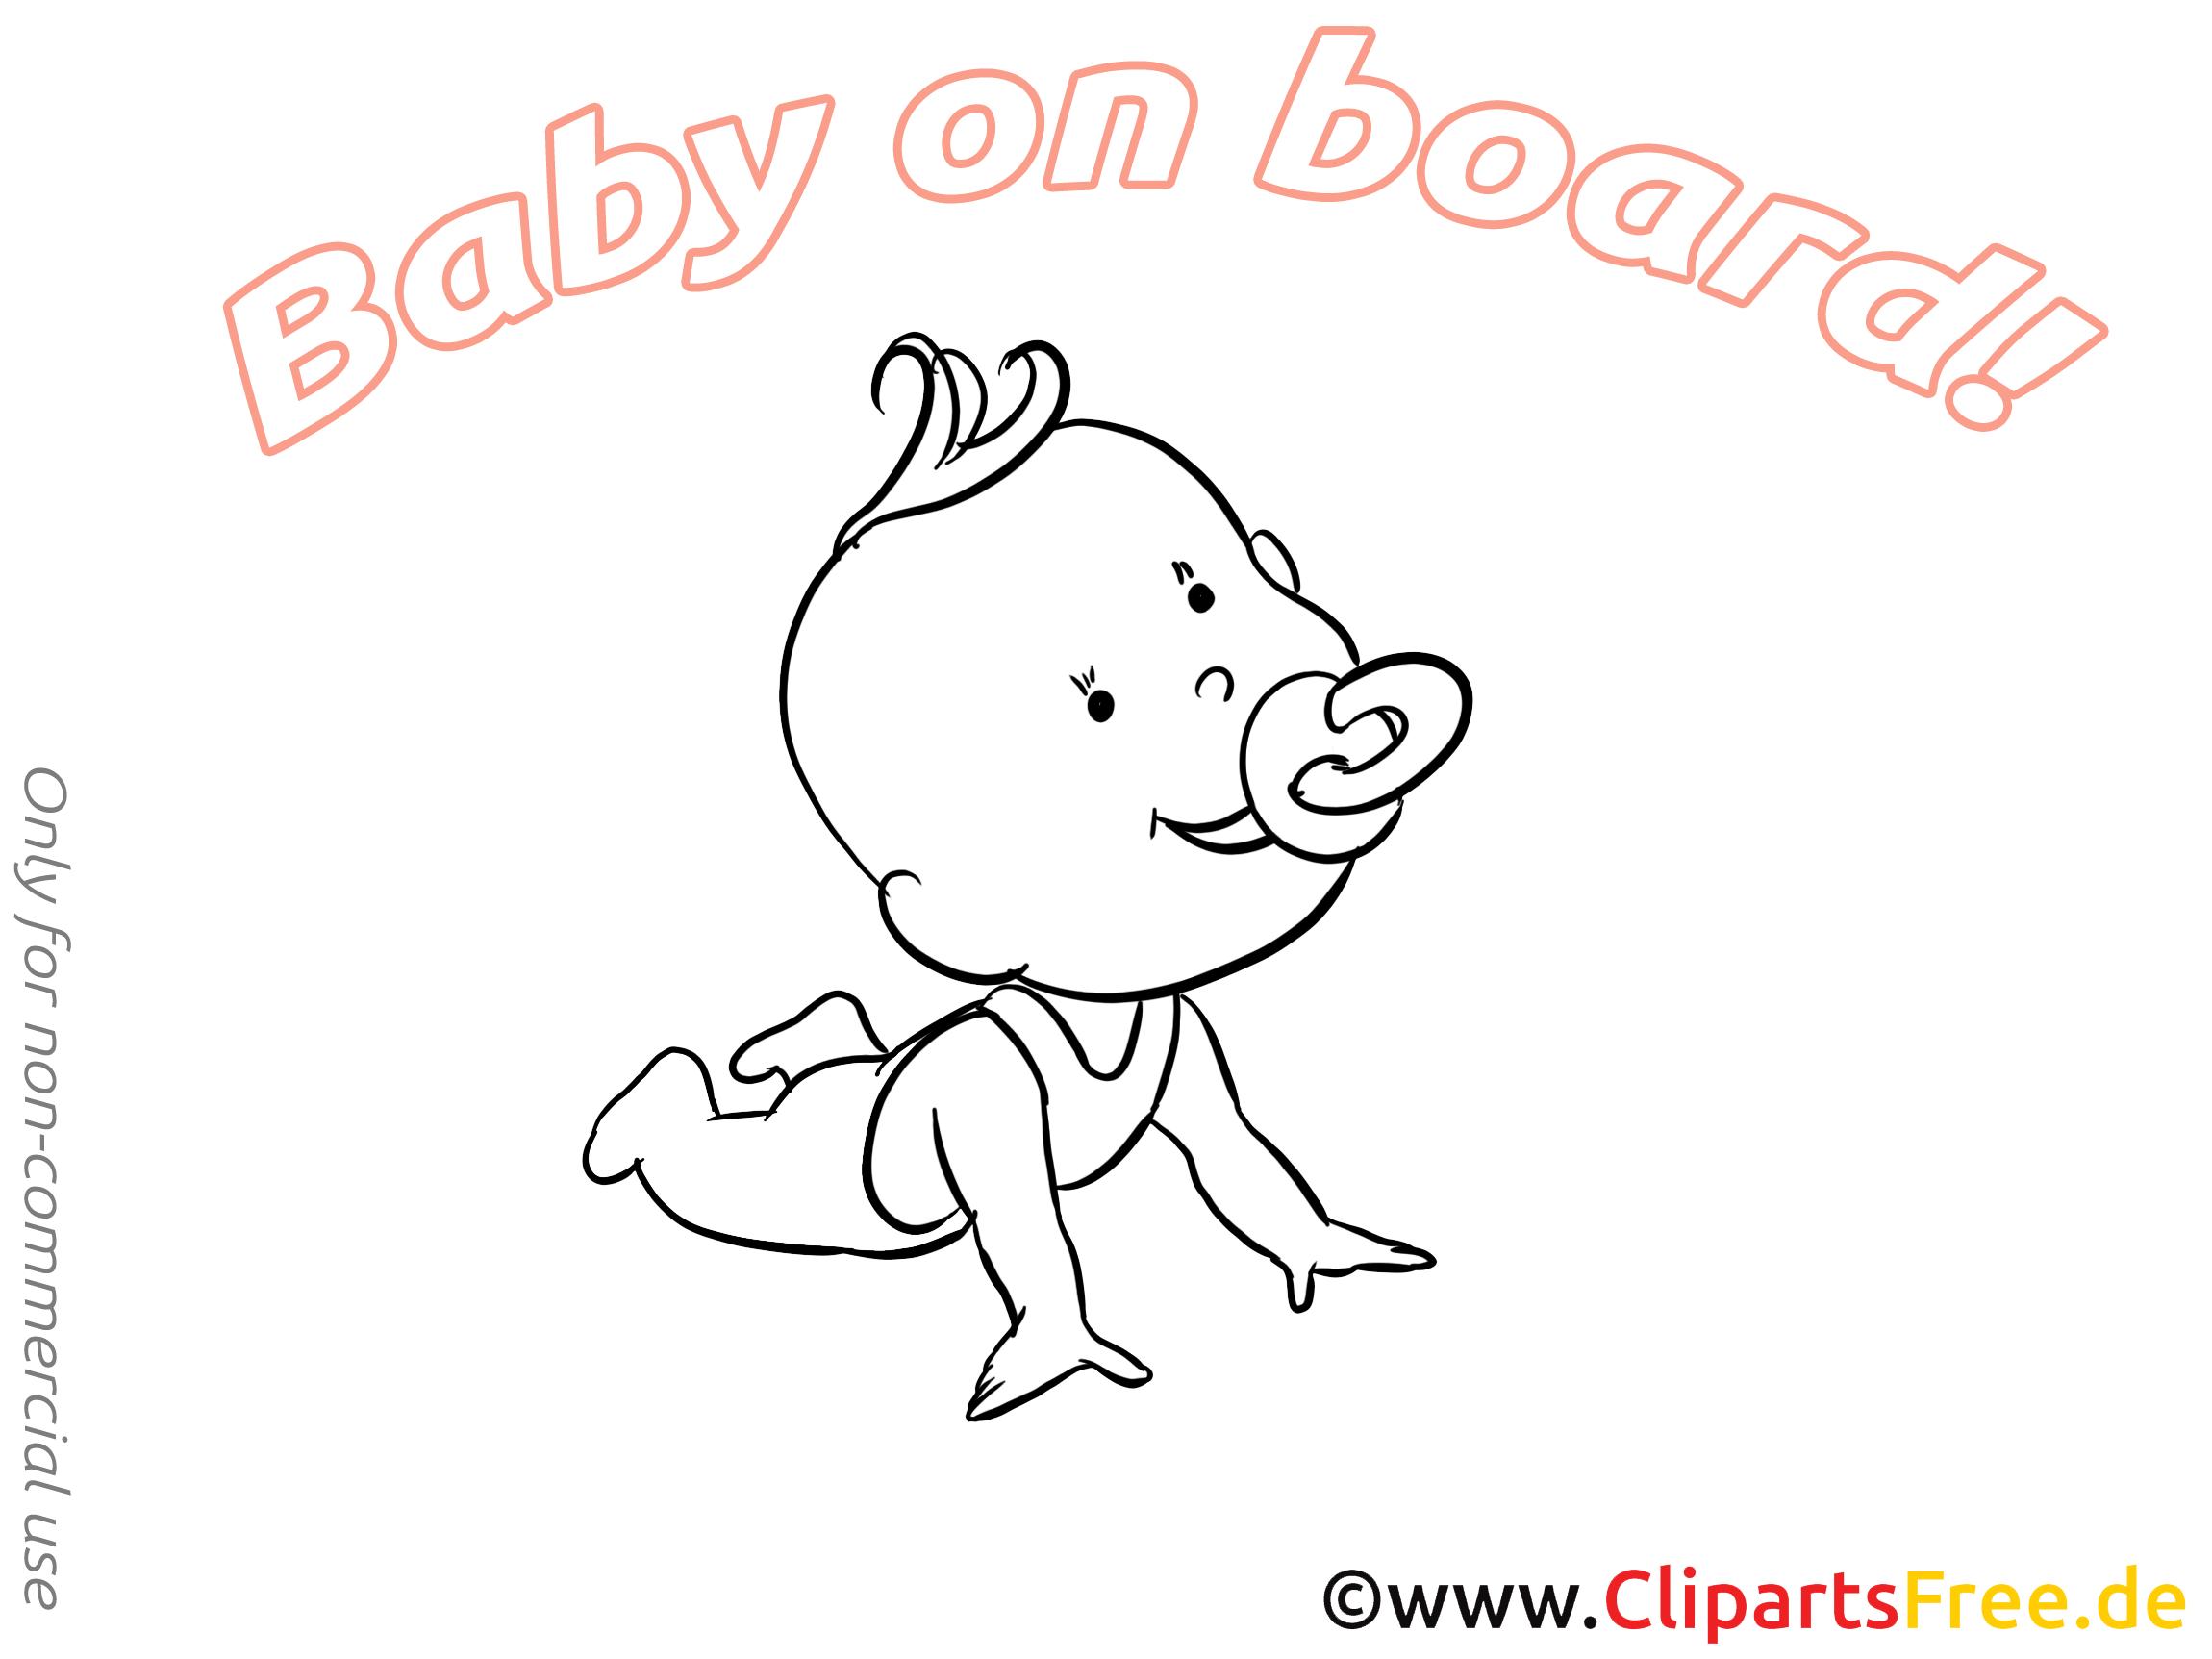 Clip art gratuit bébé à bord dessin